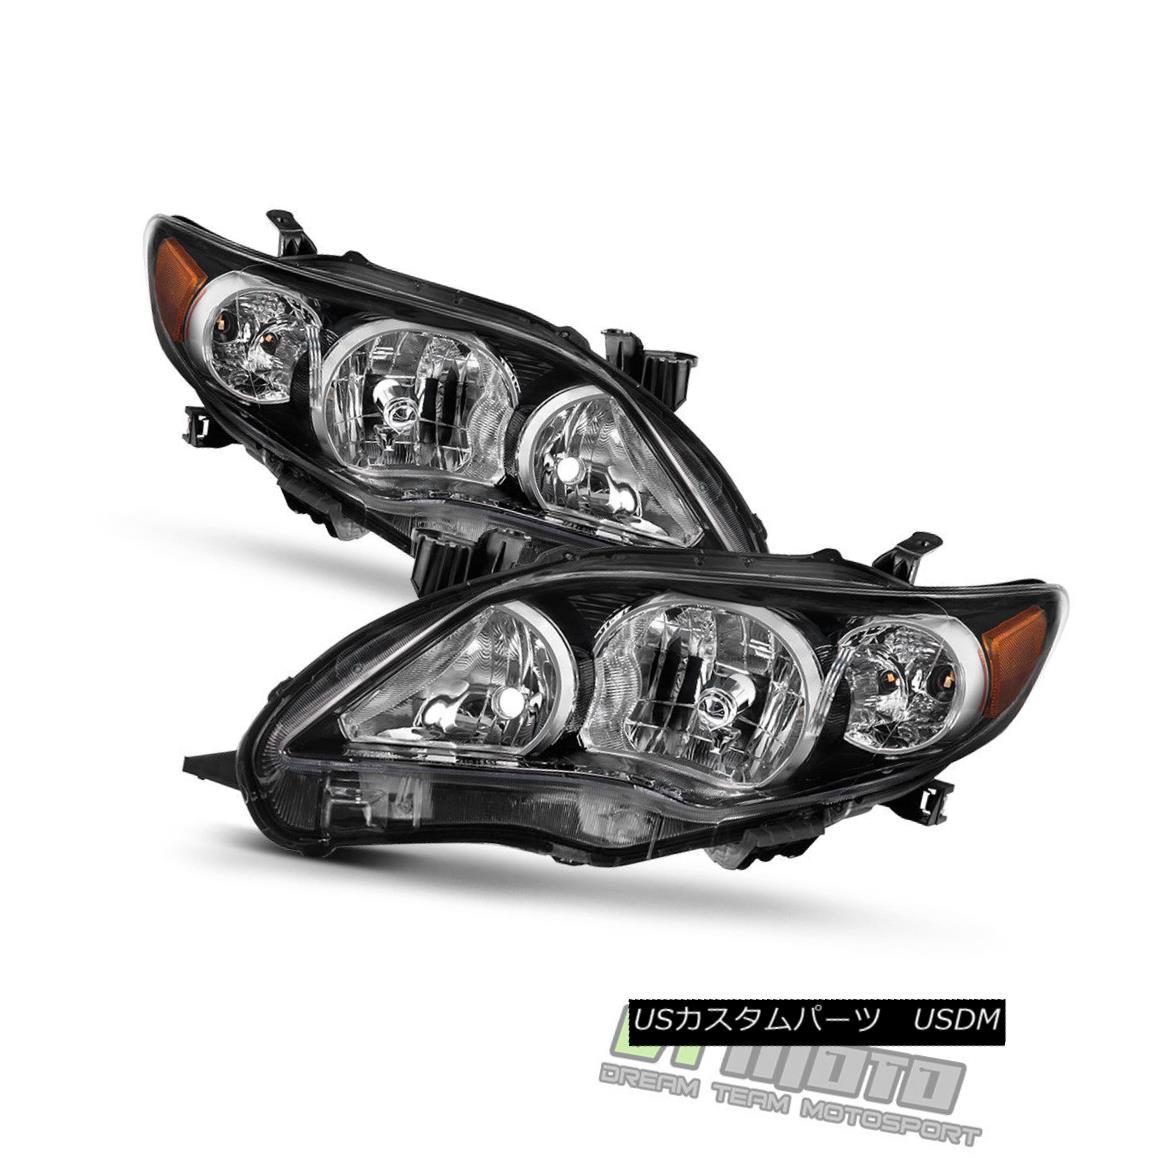 ヘッドライト Black 2011 2012 2013 Toyota Corolla Headlights Headlamps Aftermarket Left+Right ブラック2011 2012 2013トヨタカローラヘッドランプヘッドランプアフターマーケット左+右